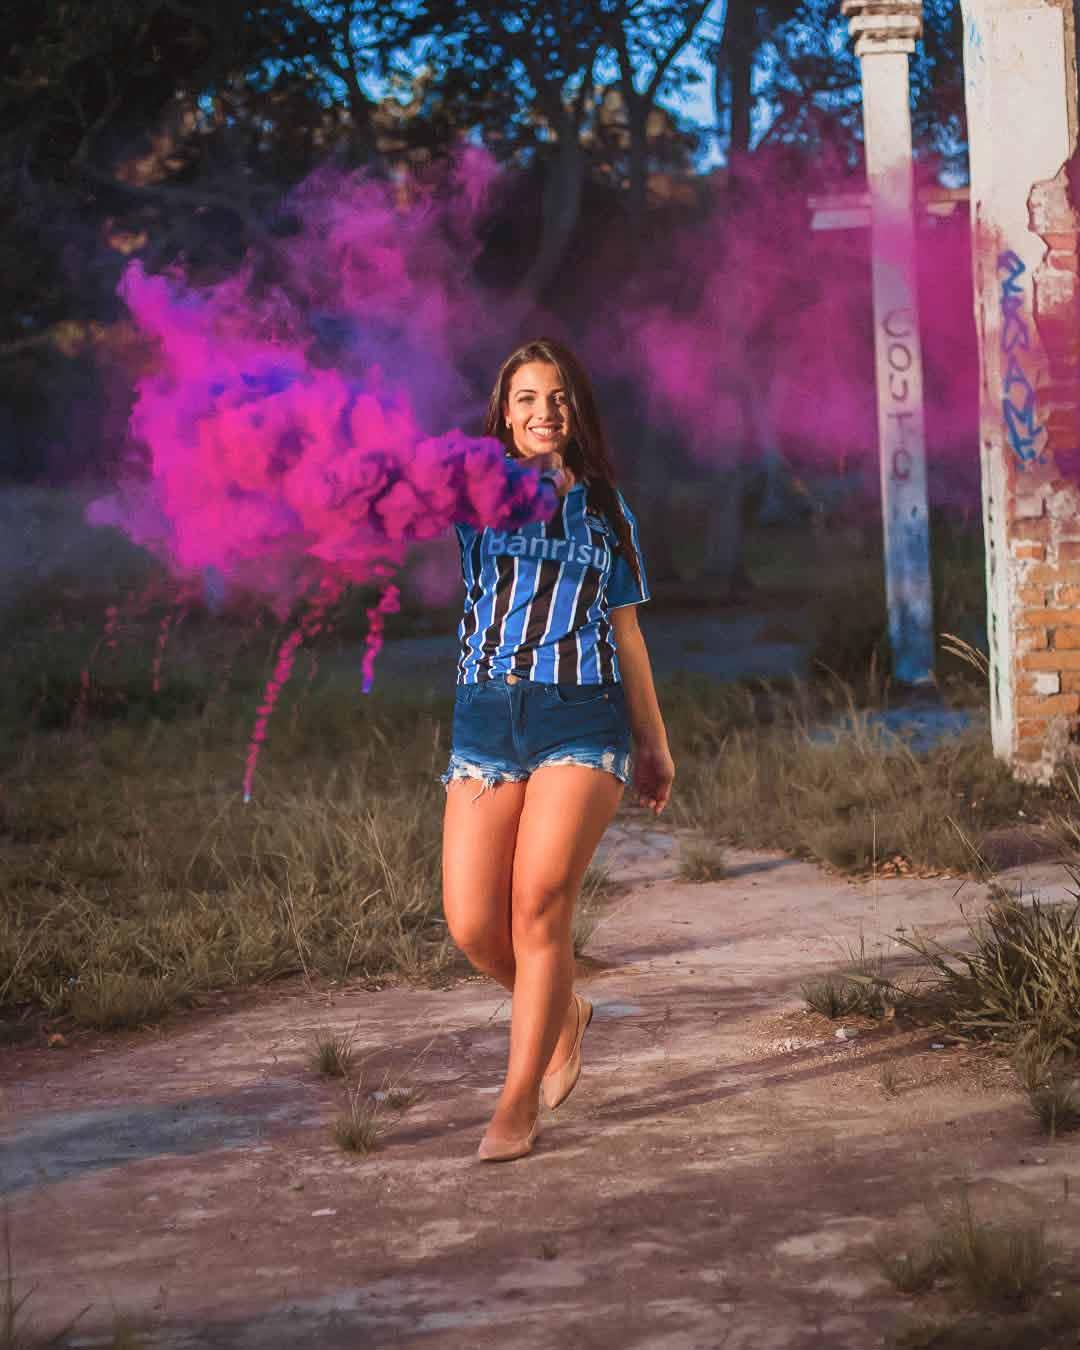 ensaio com fumaca colorida porto alegre